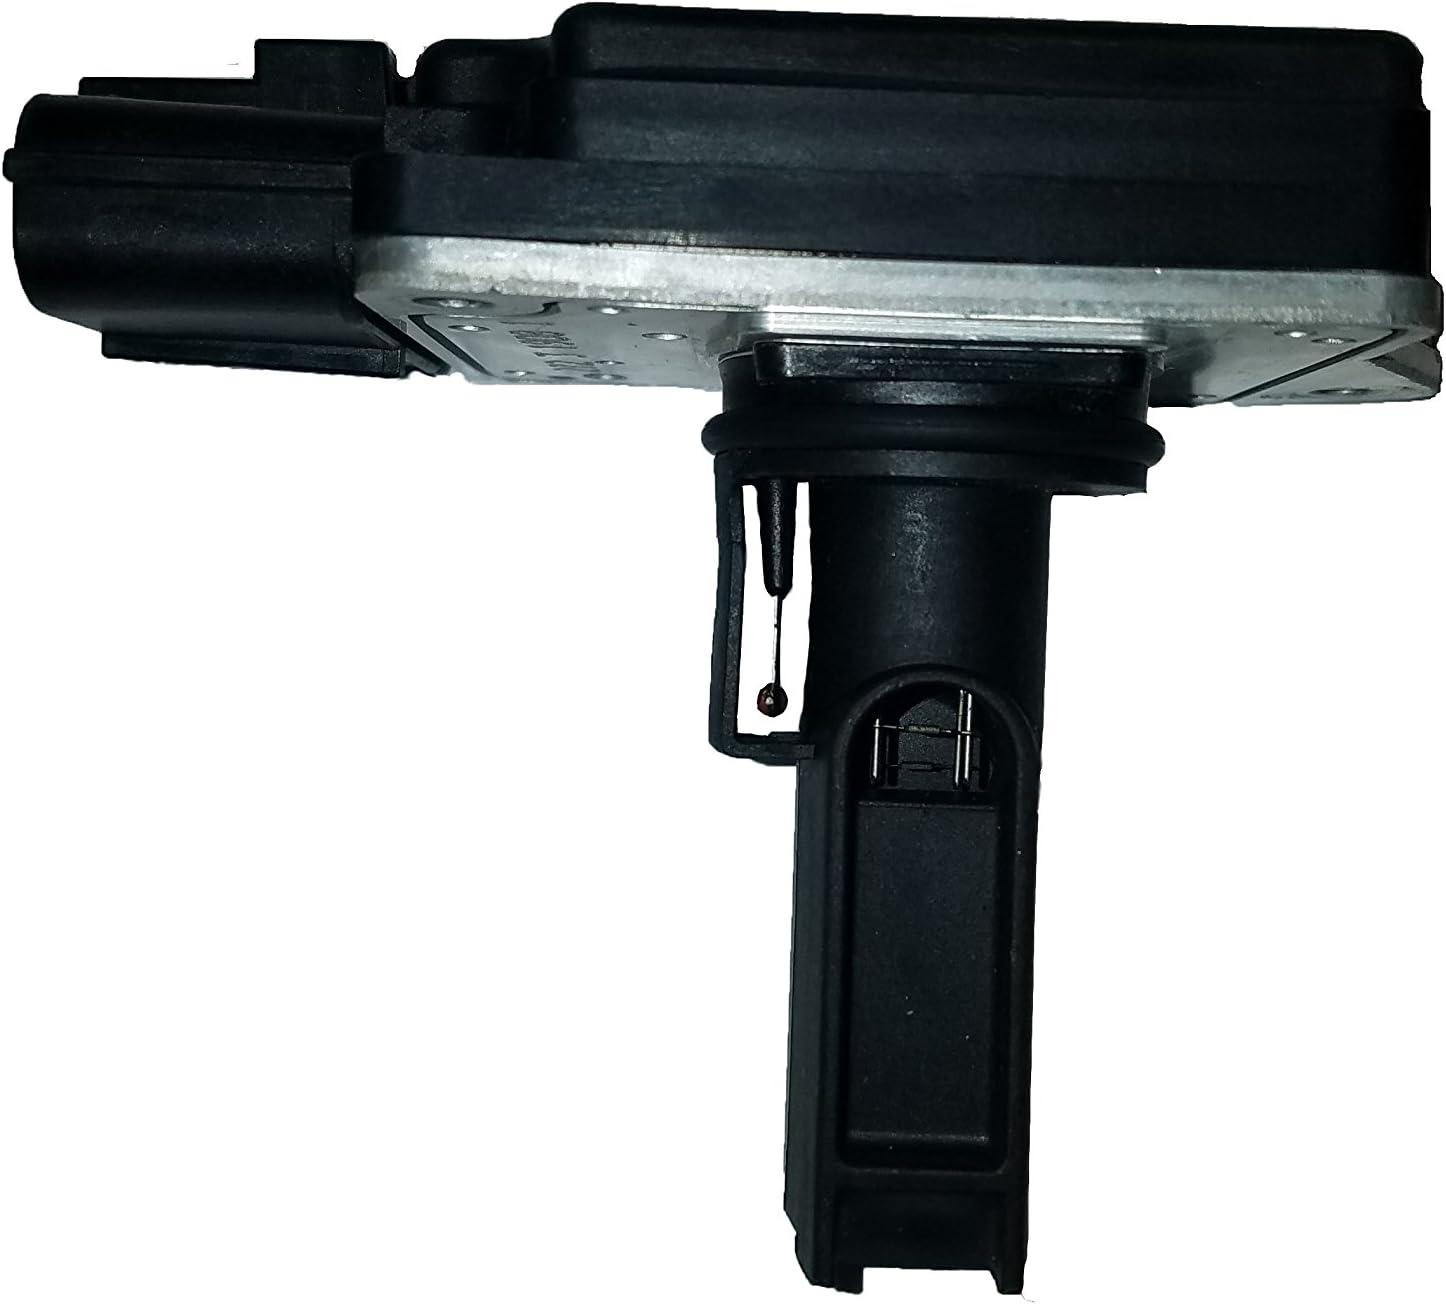 XL3F-12B579-BA OEM Mass Air Flow Sensor 245-2191 New Take off Fits MAF AF10131 MAS0229 AFLS174 for 11-16 6.7 Diesel